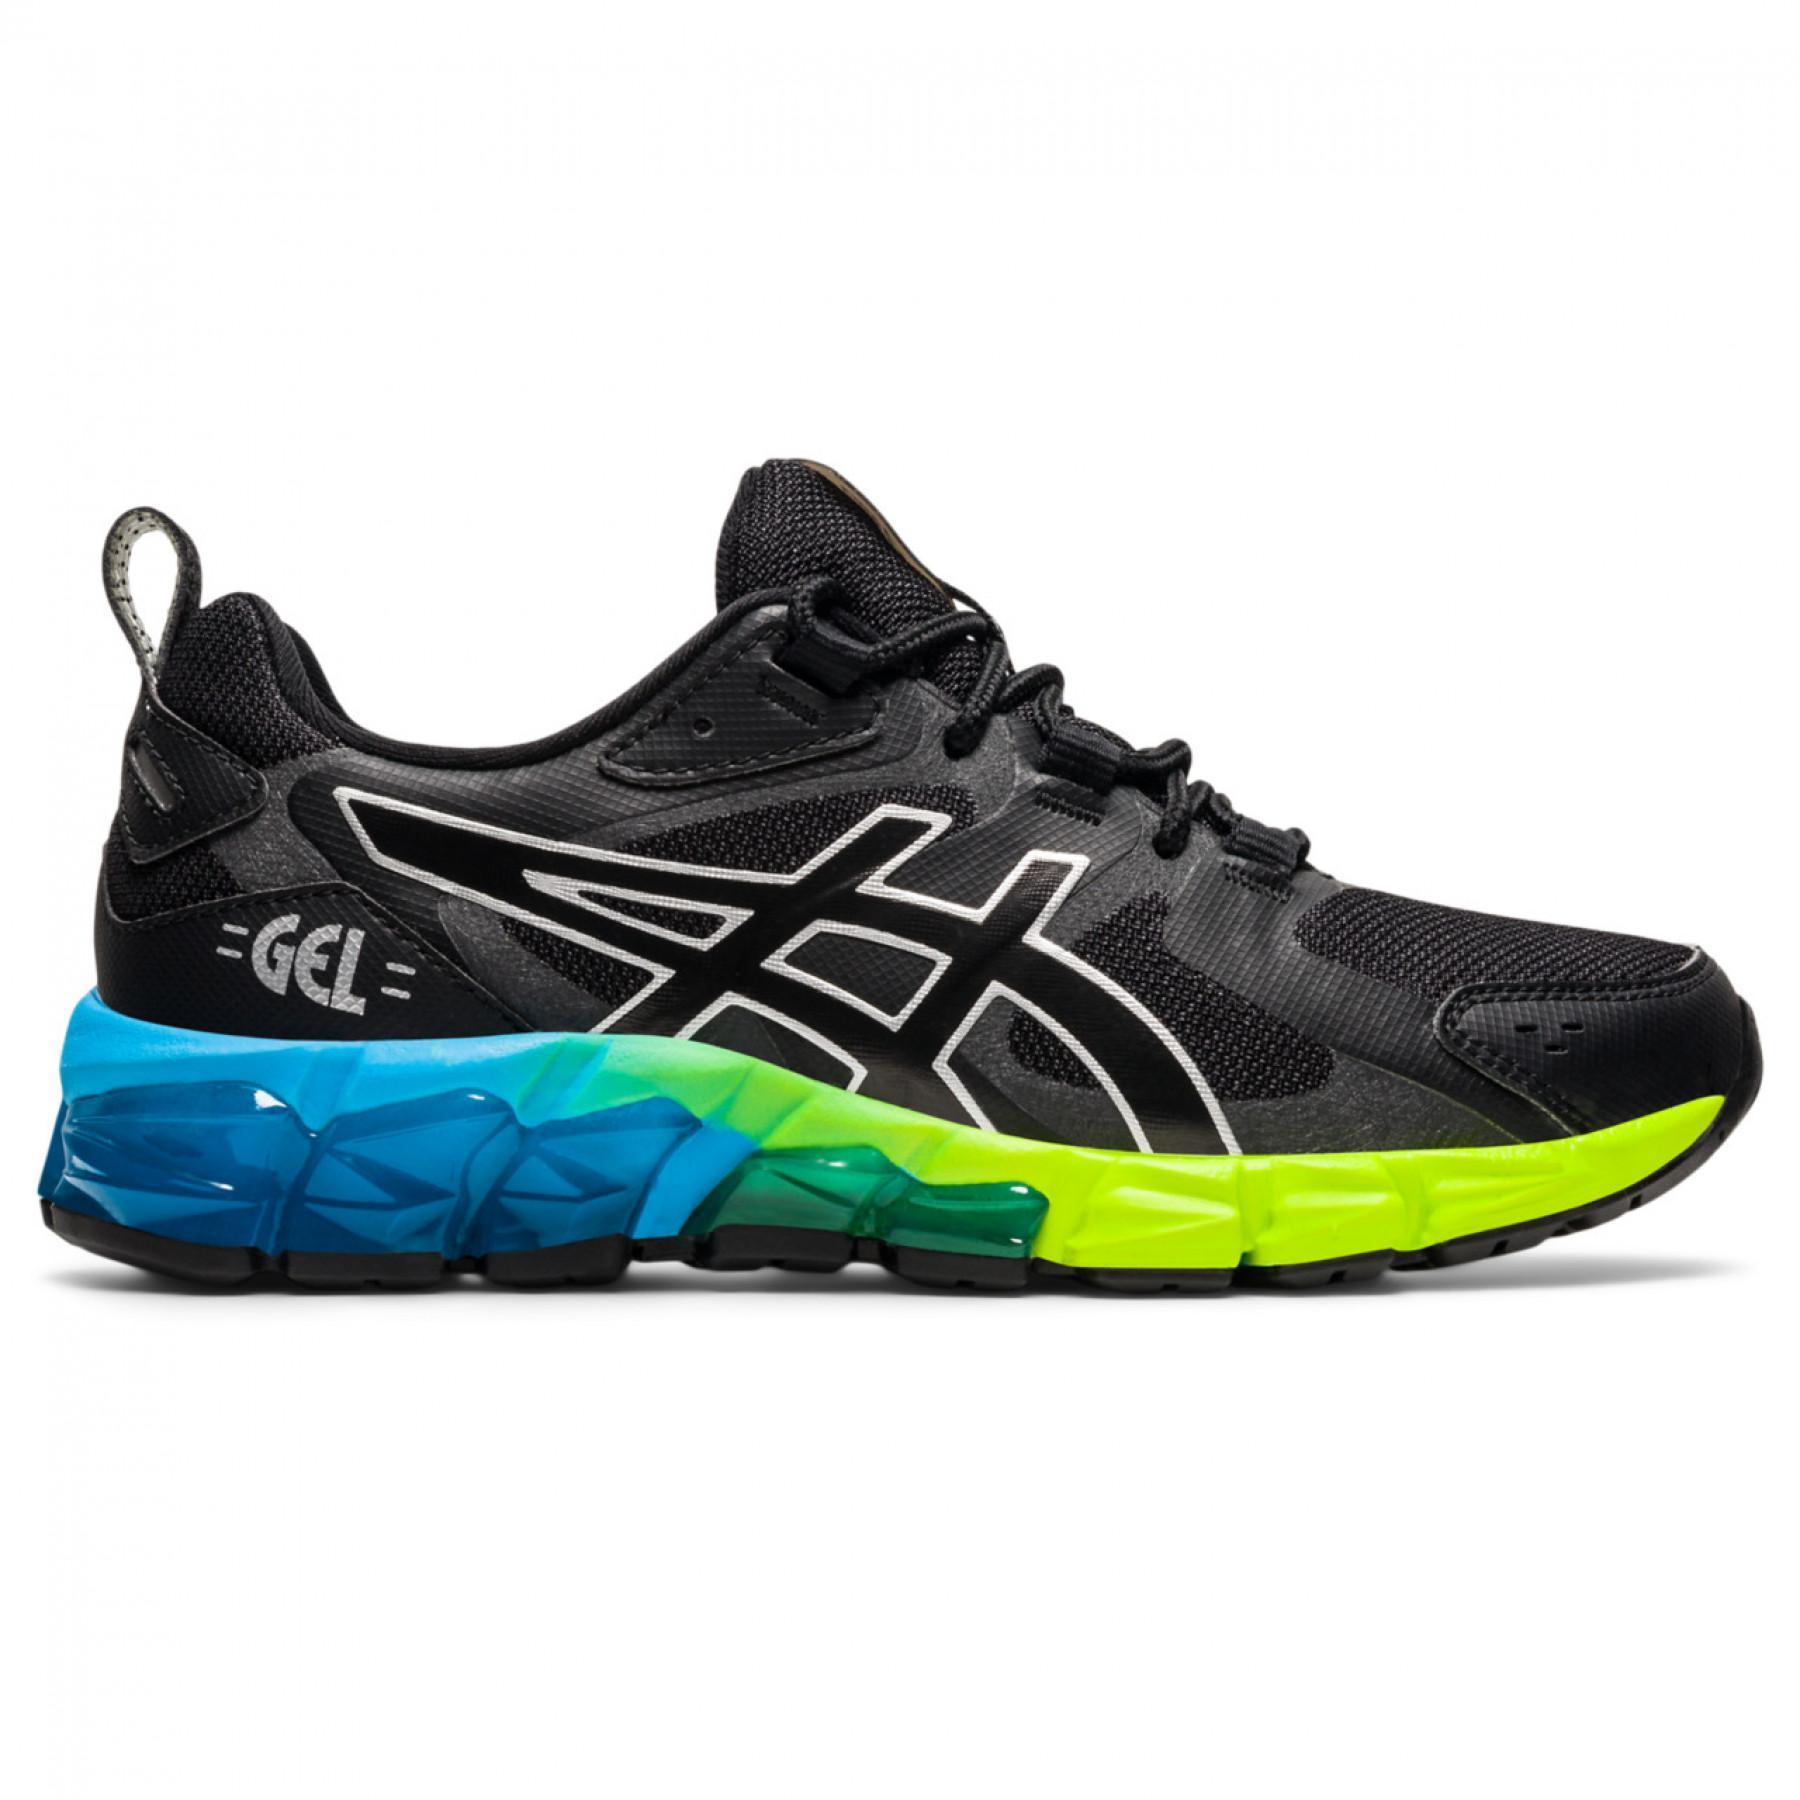 Asics Gel-Quantum Children's Shoes 180 Gs